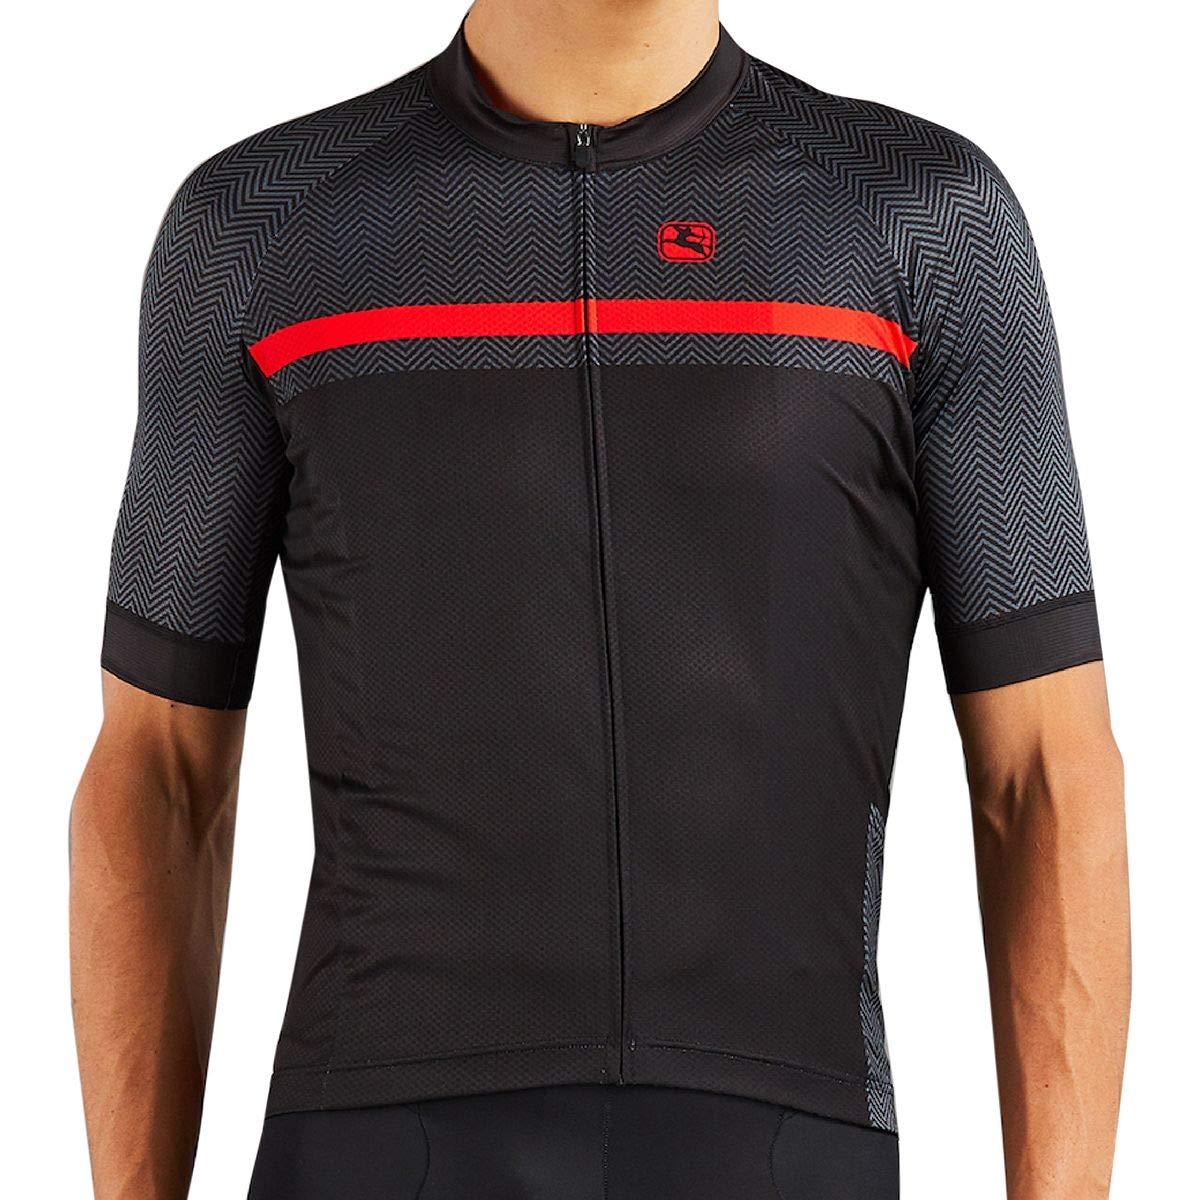 新品登場 [ジョルダーノ] メンズ [並行輸入品] サイクリング Moda Tenax B07P53V1H6 Pro Tenax Short-Sleeve Jersey [並行輸入品] L B07P53V1H6, 吉松町:2adf6c95 --- martinemoeykens.com